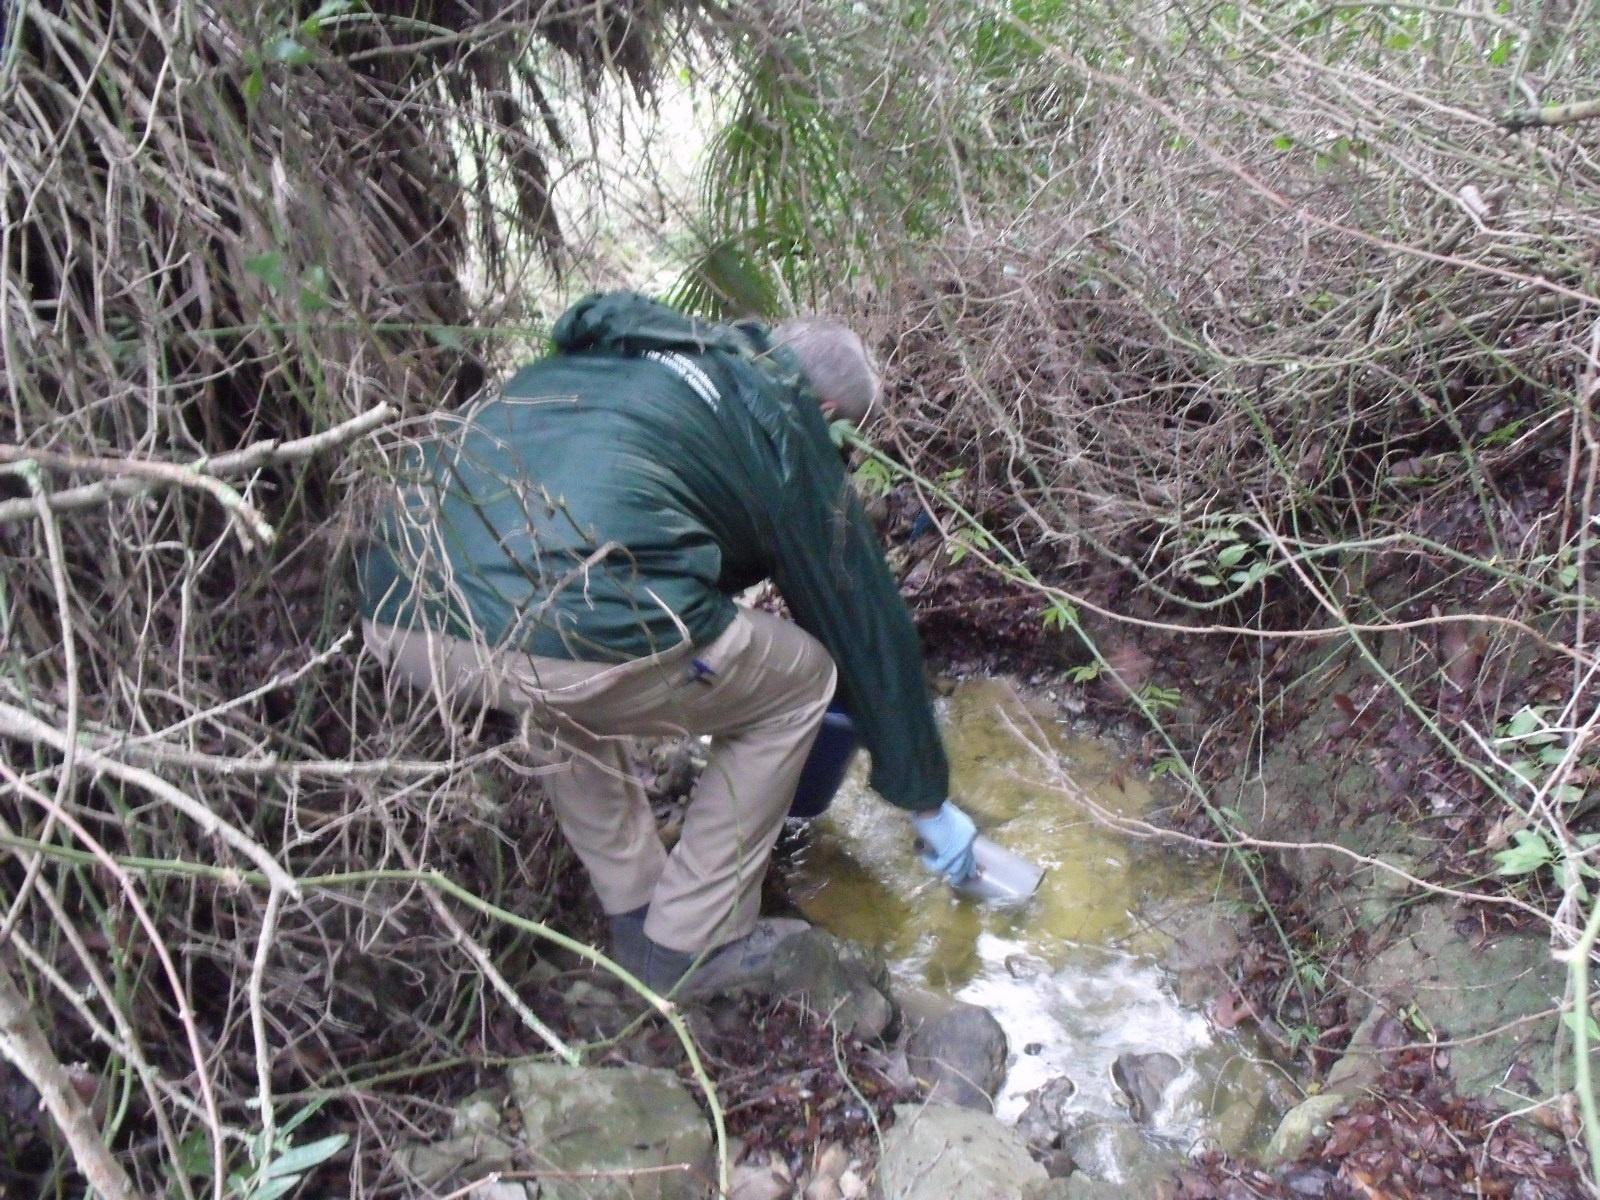 Junta de Andalucía amplía la zona de vigilancia hasta el río Palmones (Cádiz) tras la fuga de residuos peligrosos